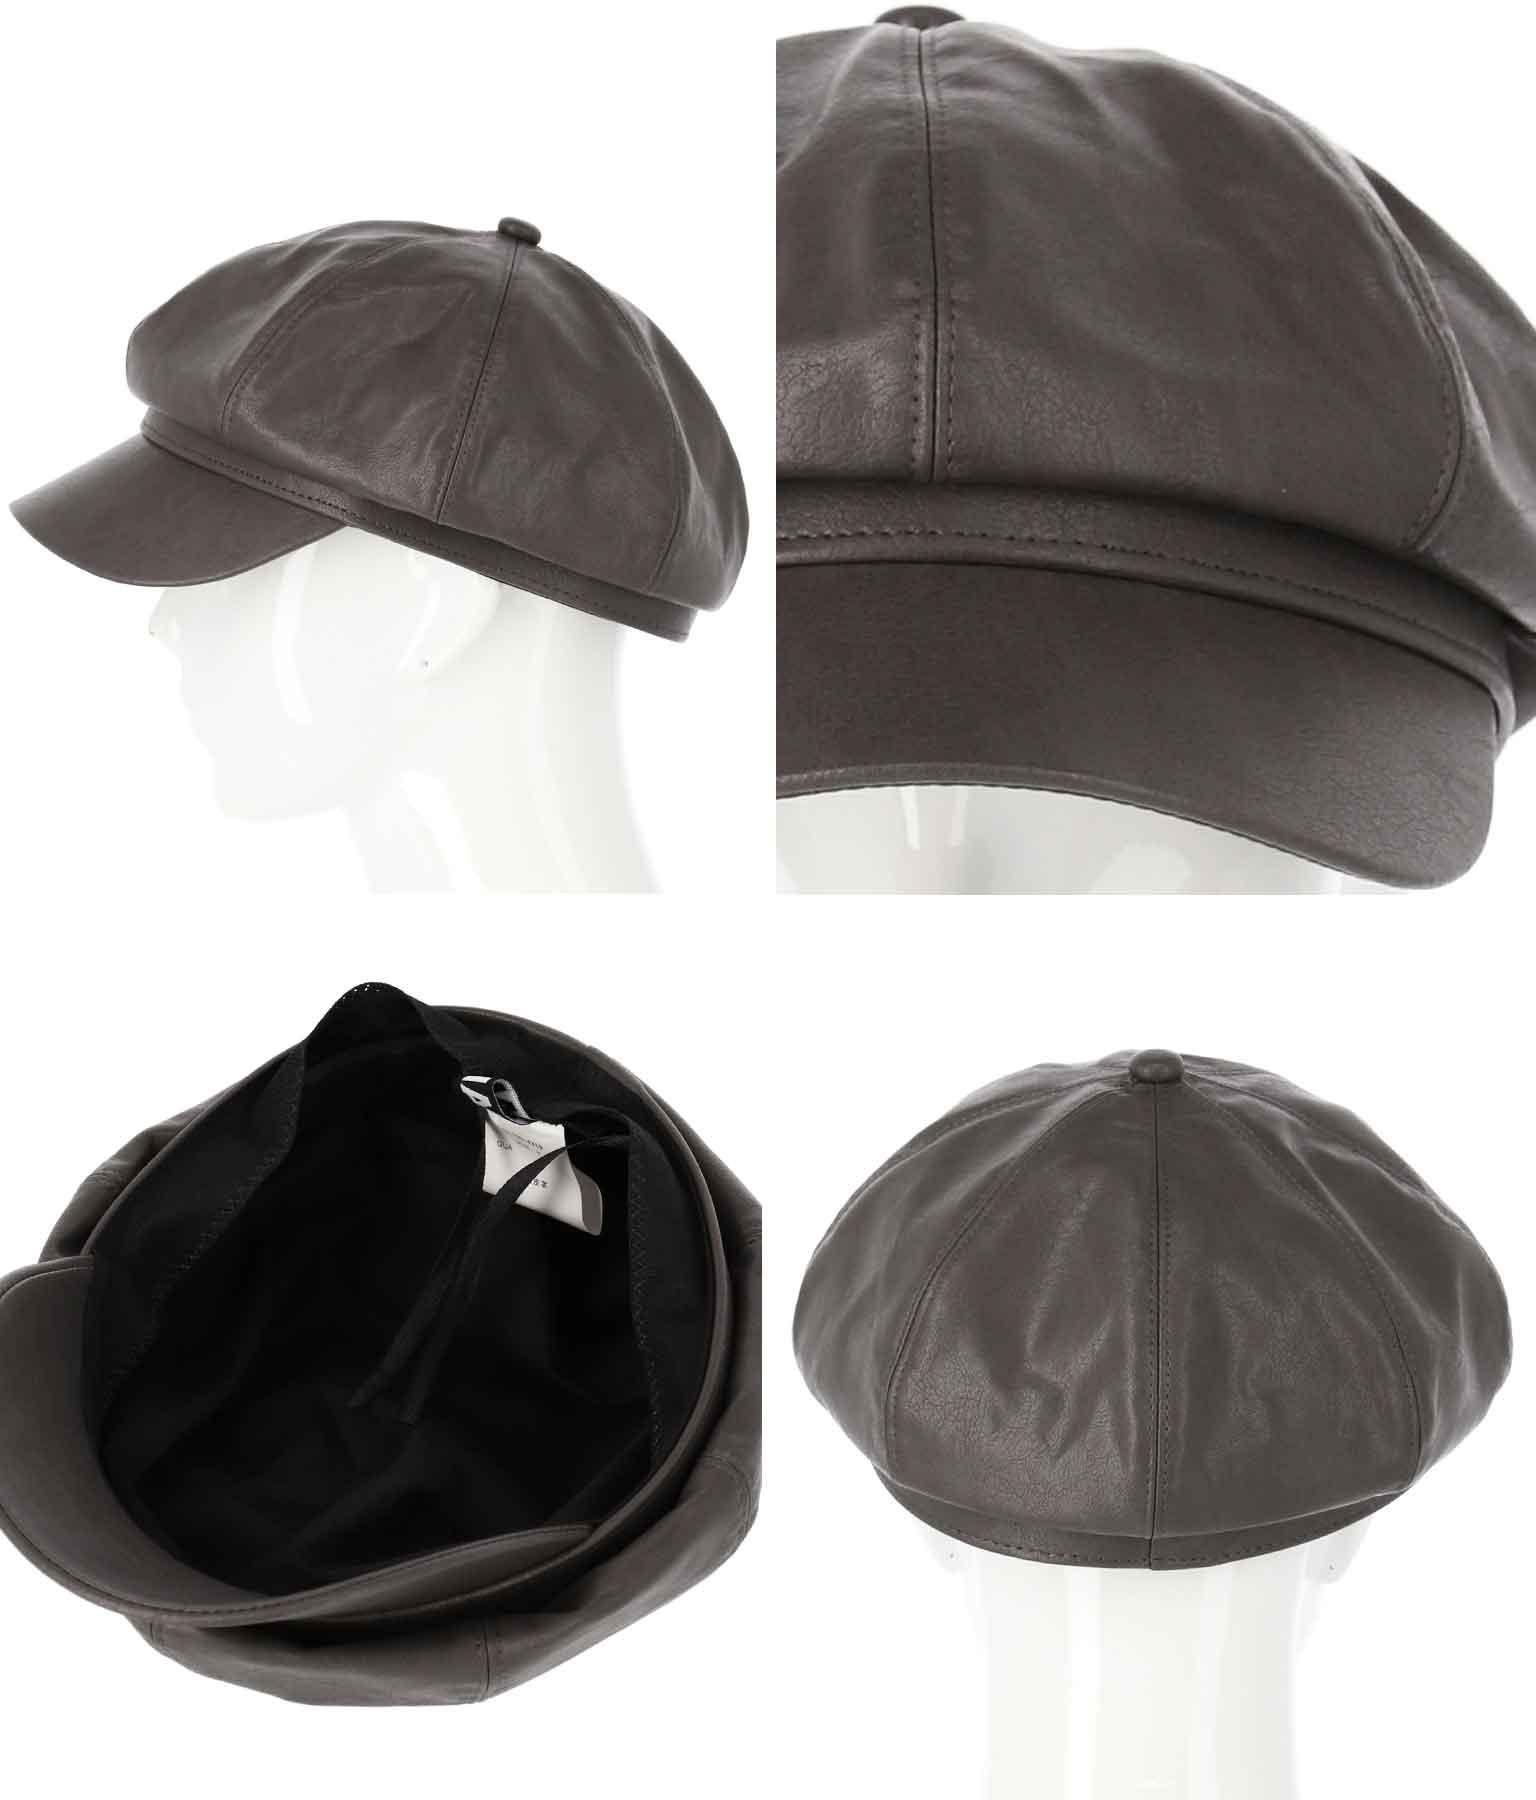 レザーライクキャスケット(ファッション雑貨/ハット・キャップ・ニット帽 ・キャスケット・ベレー帽)   ANAP